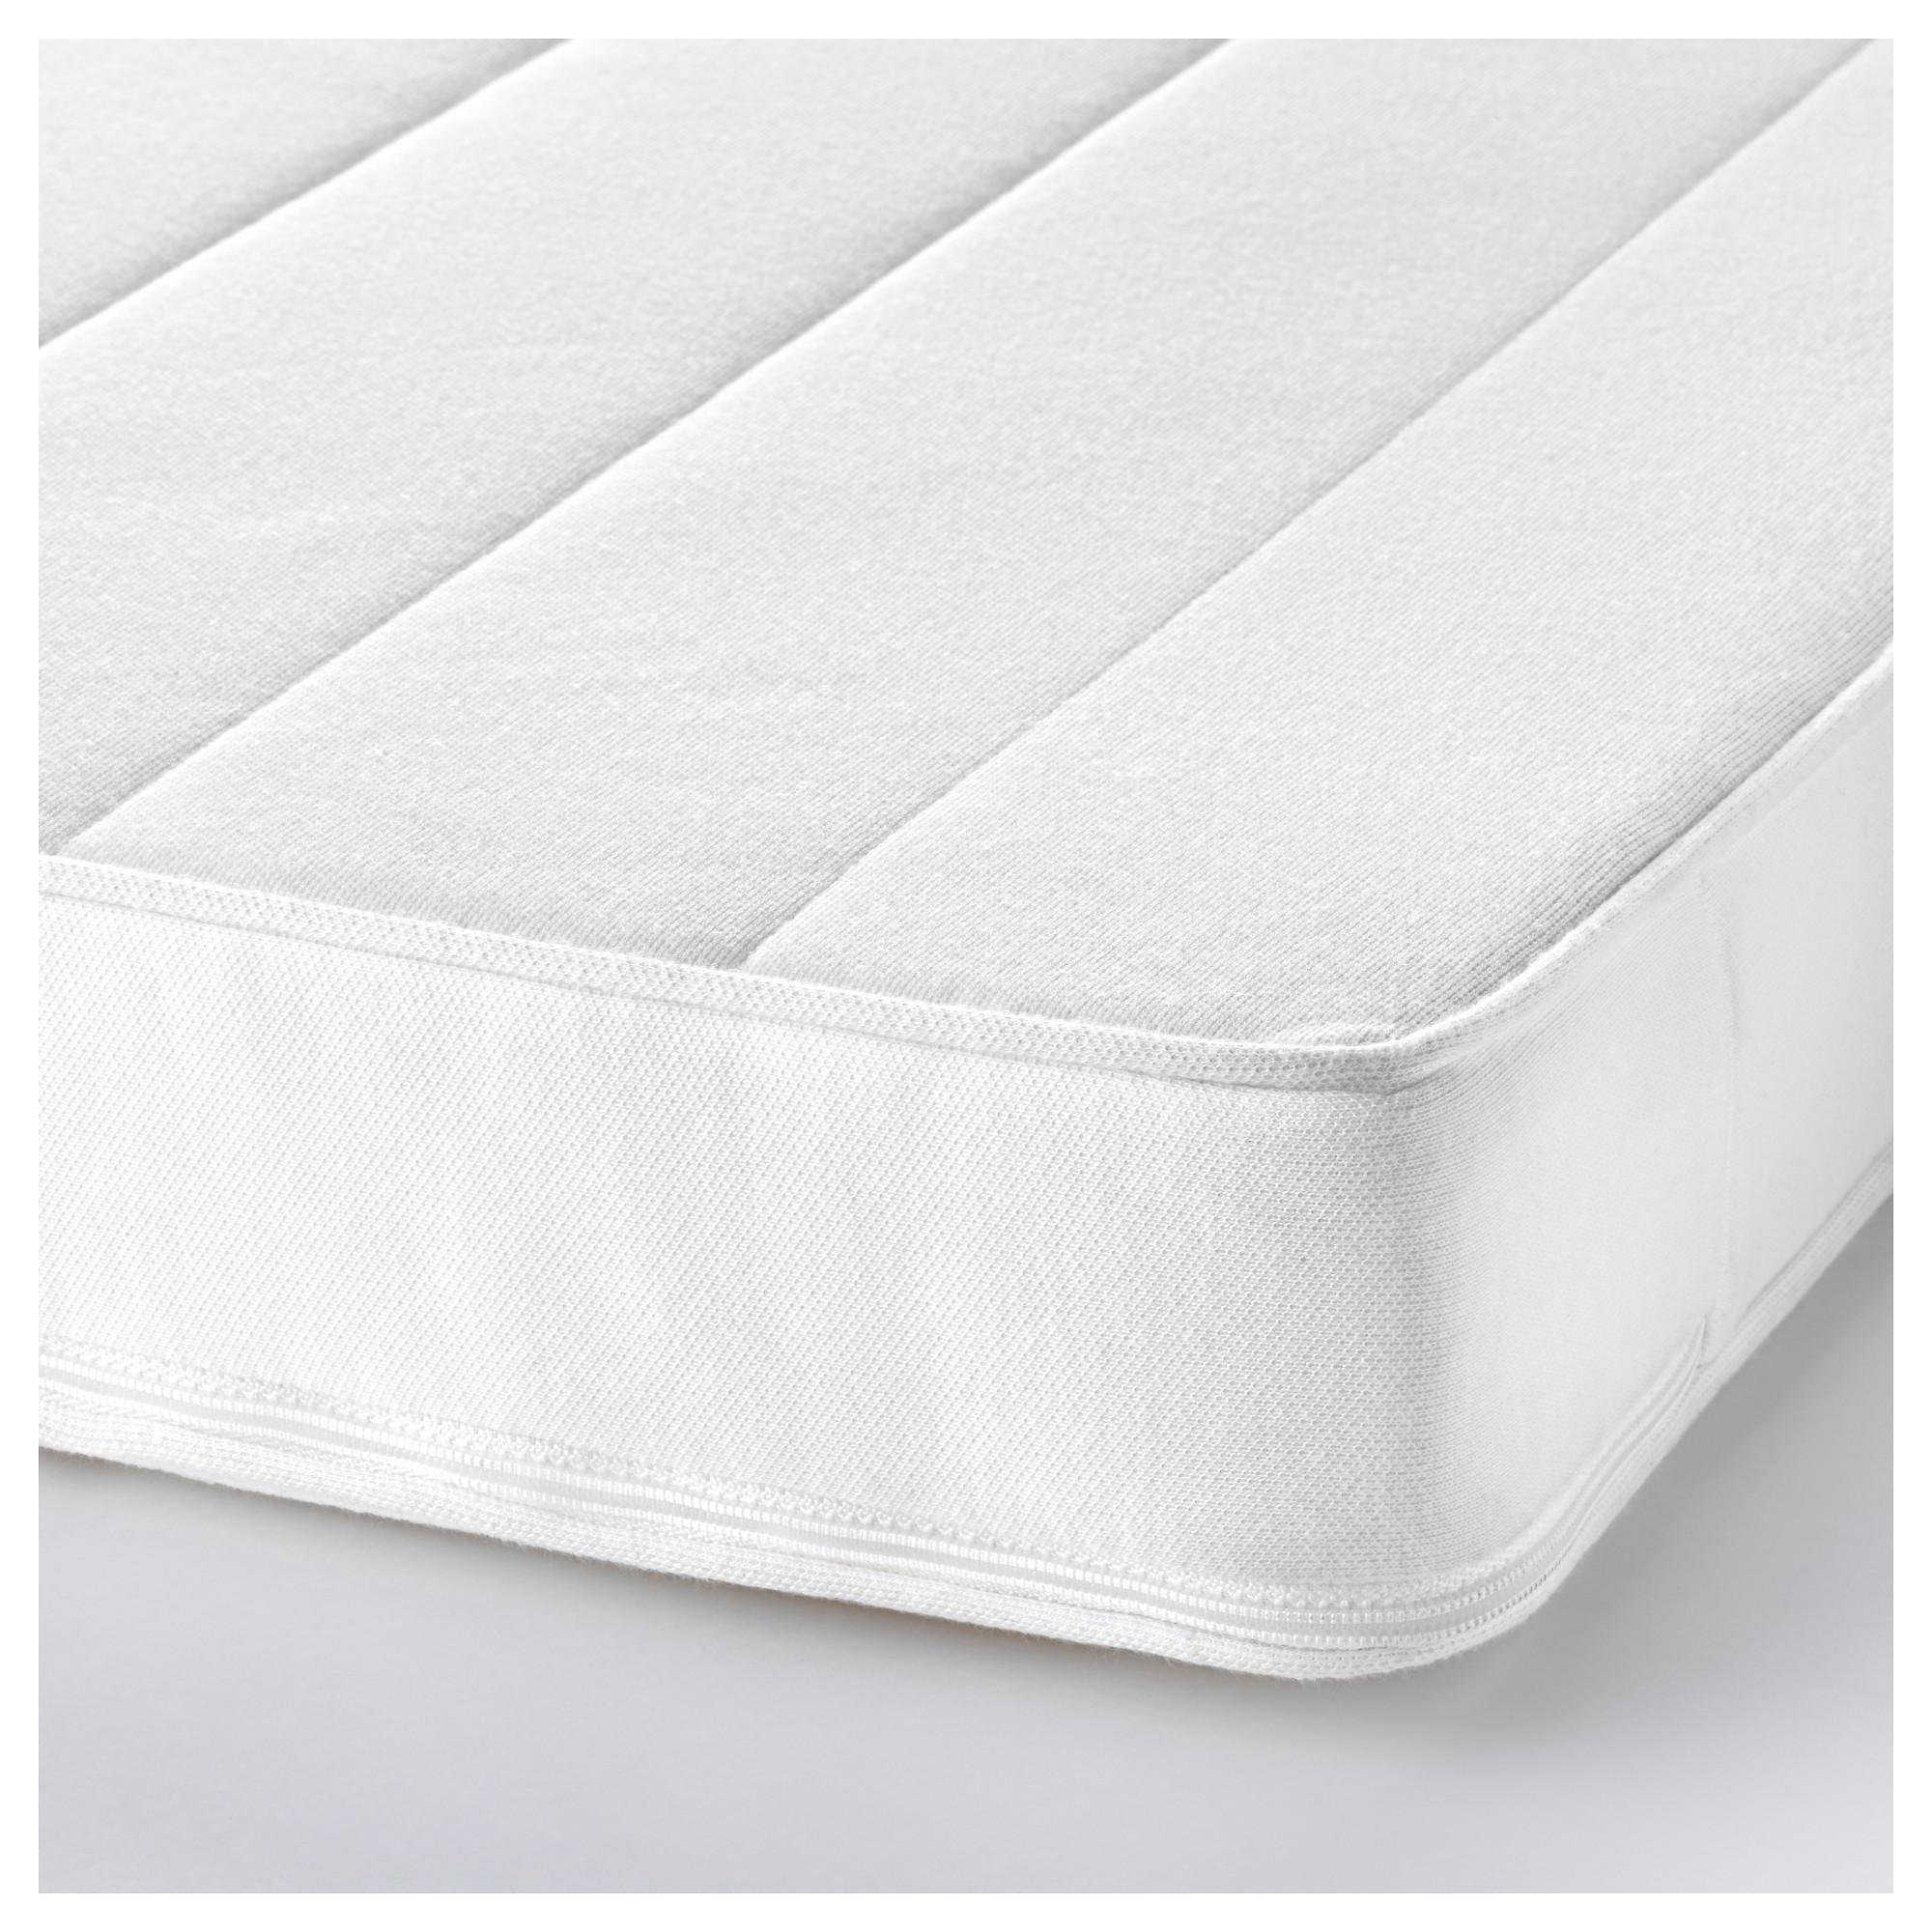 Плуттен матрас для детской кроватки отзывы